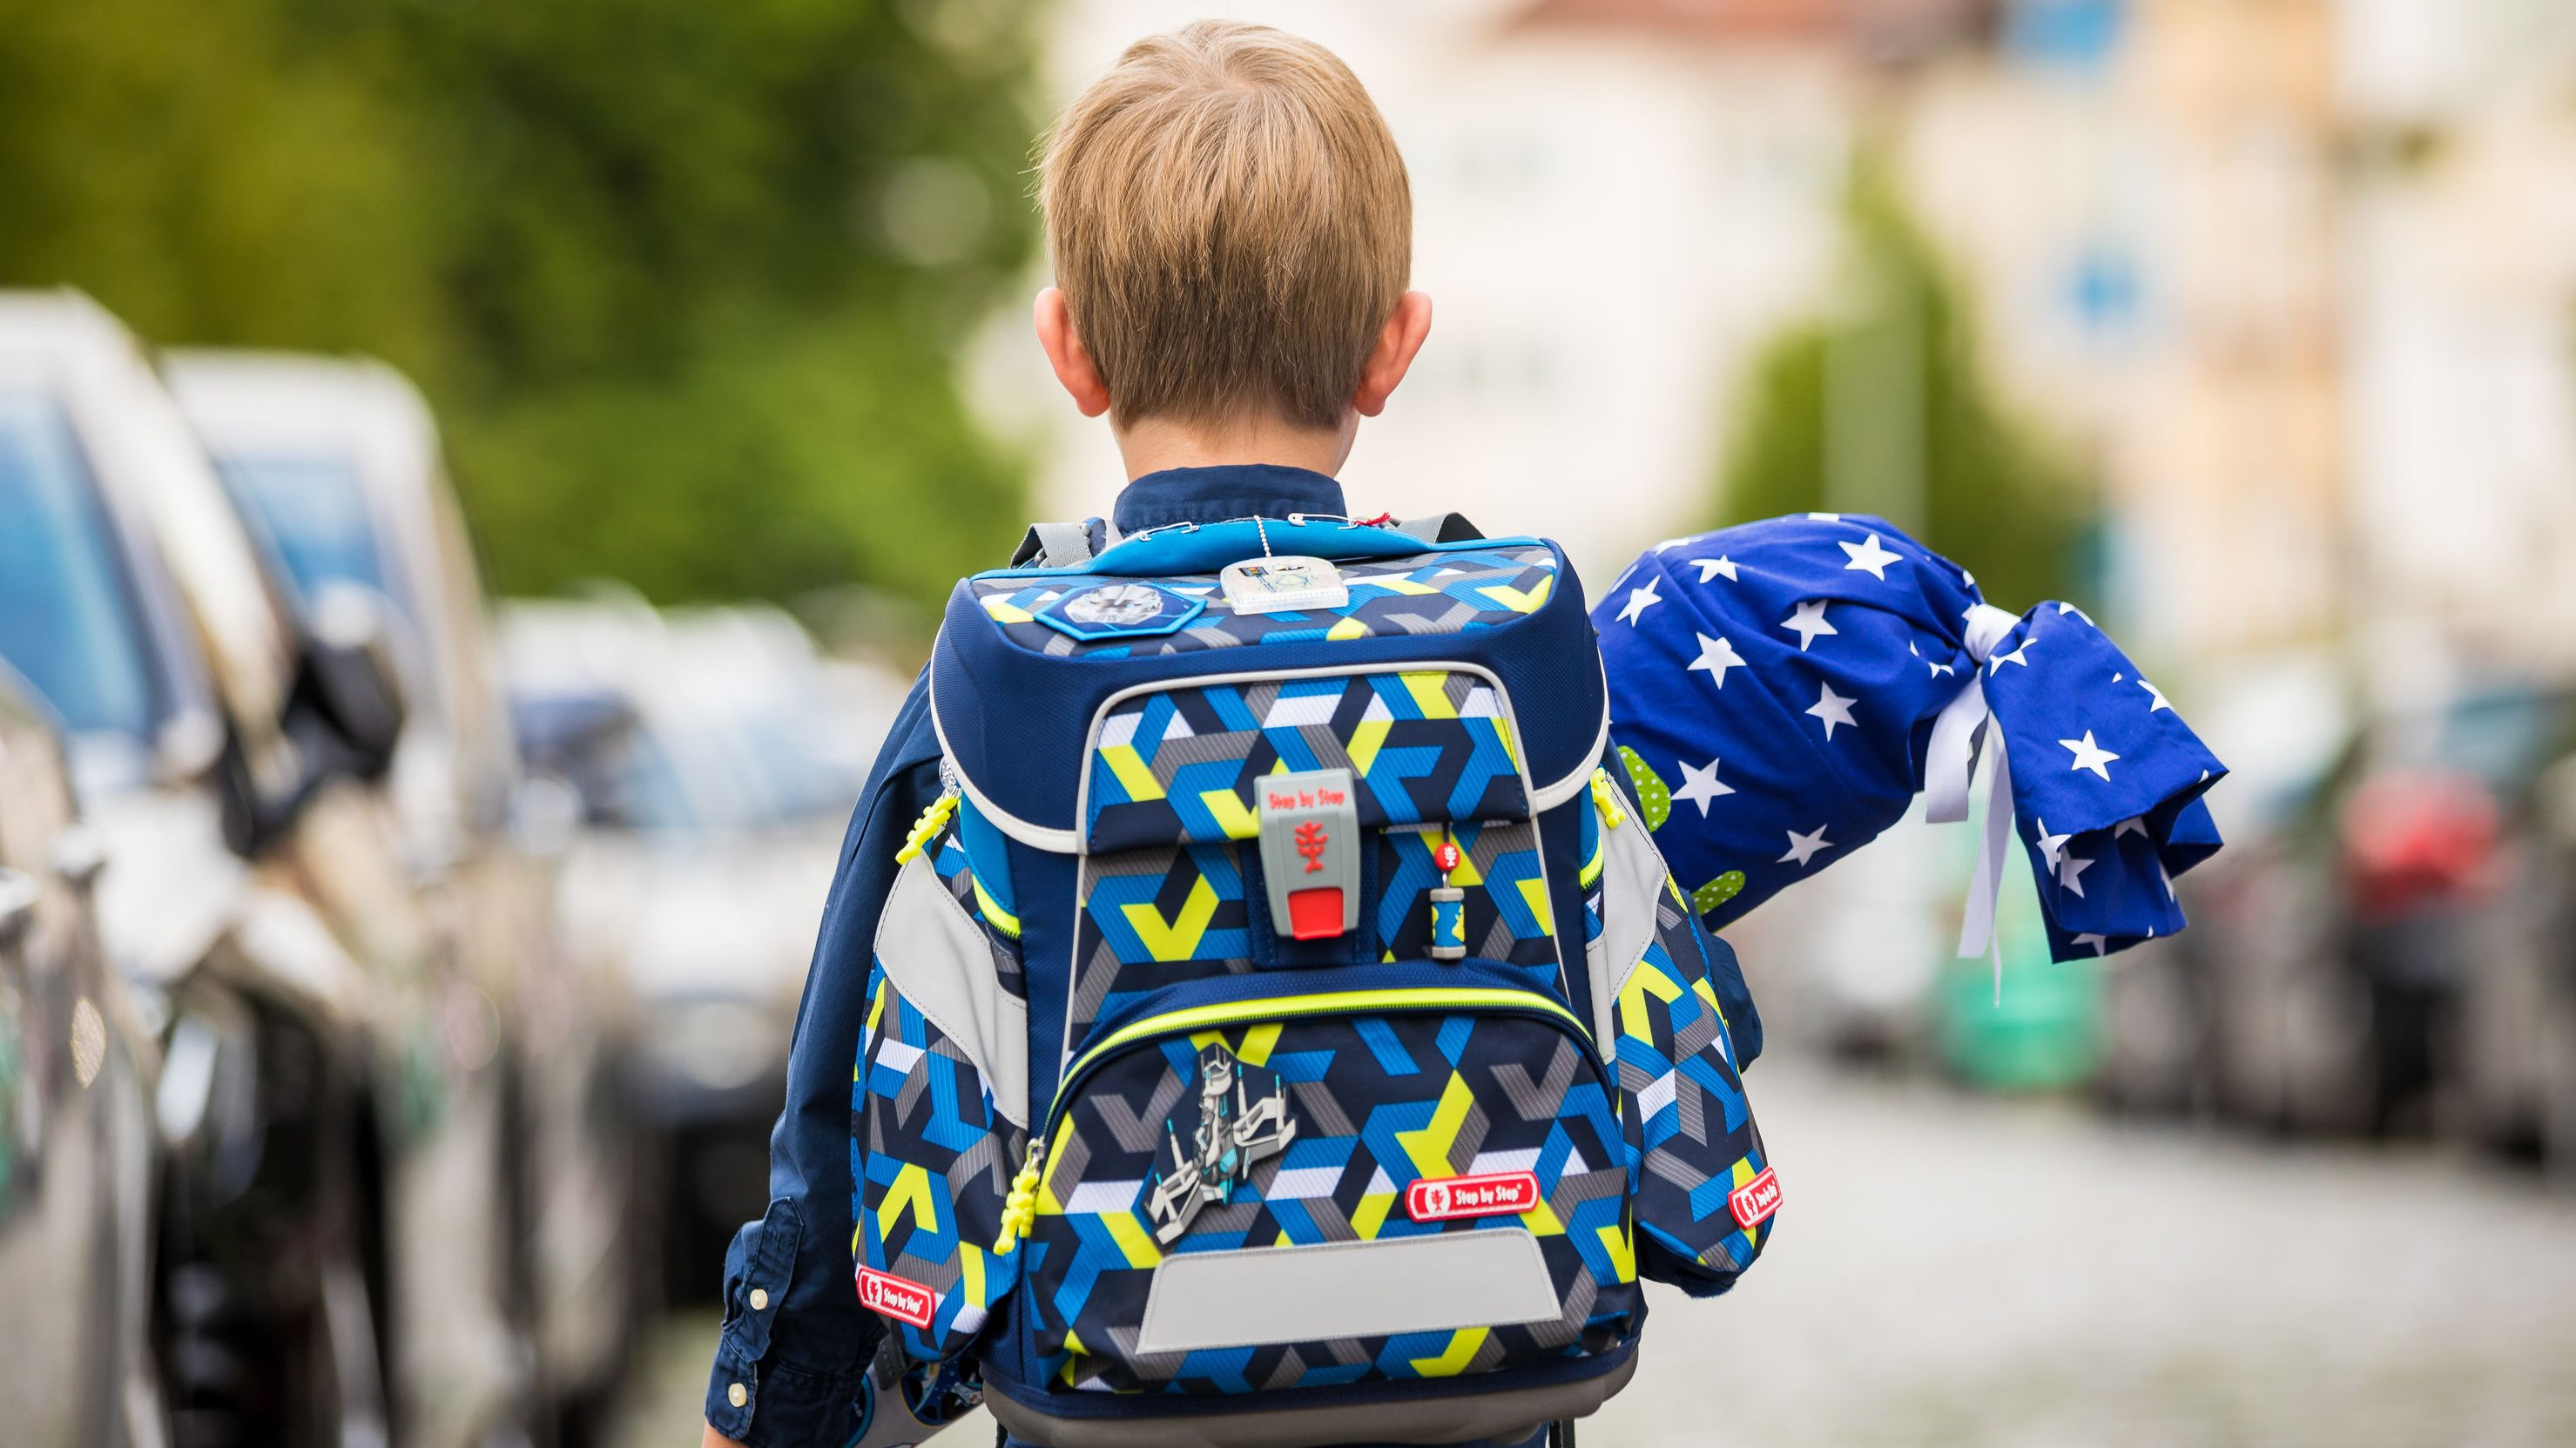 Kleiner Bub geht mit Schultüte und Schulranzen auf der Straße.